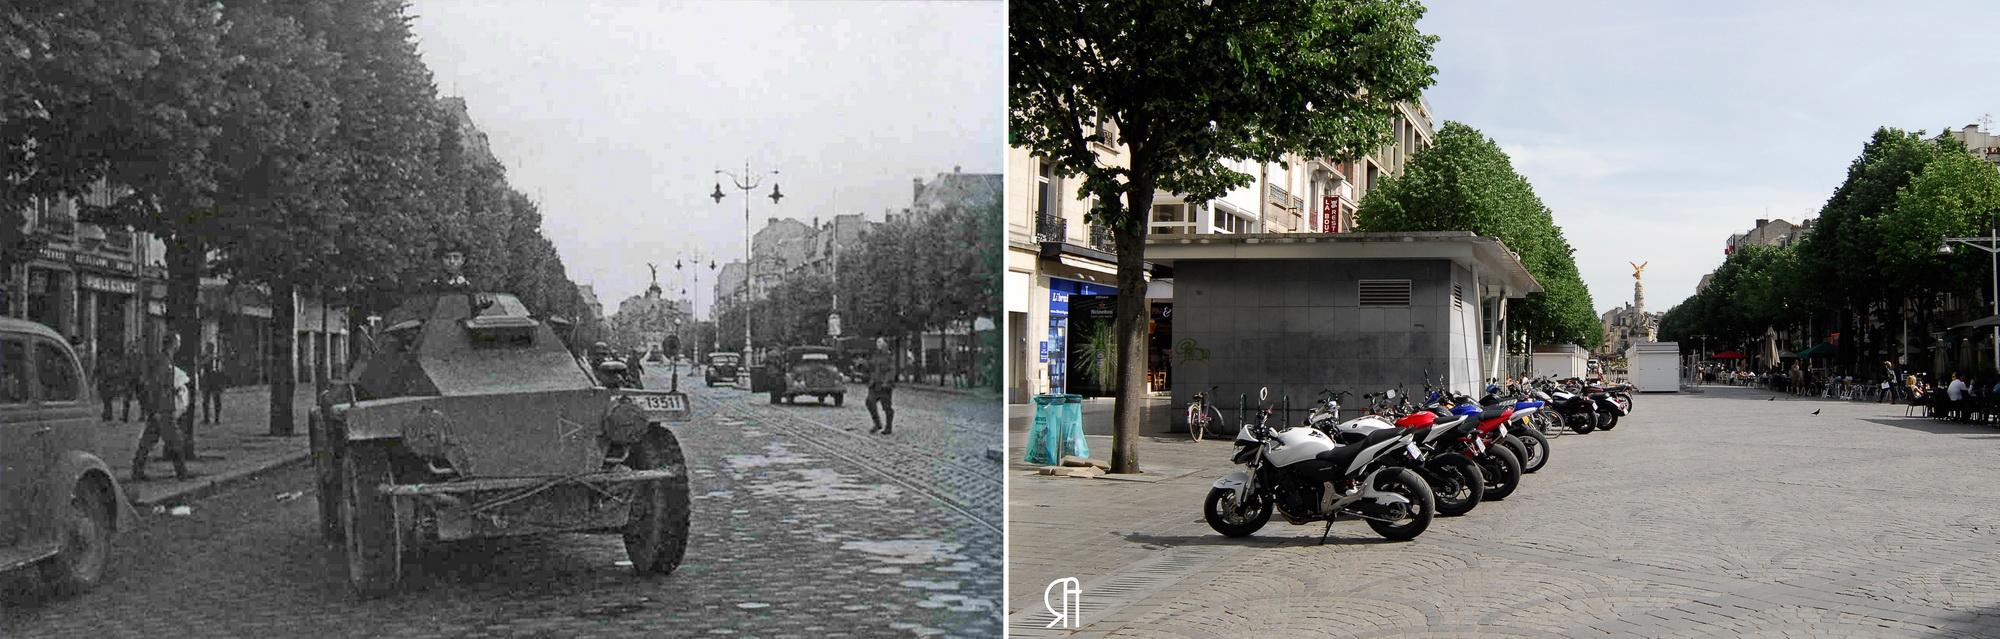 12-13 juin 1940, place d'Erlon